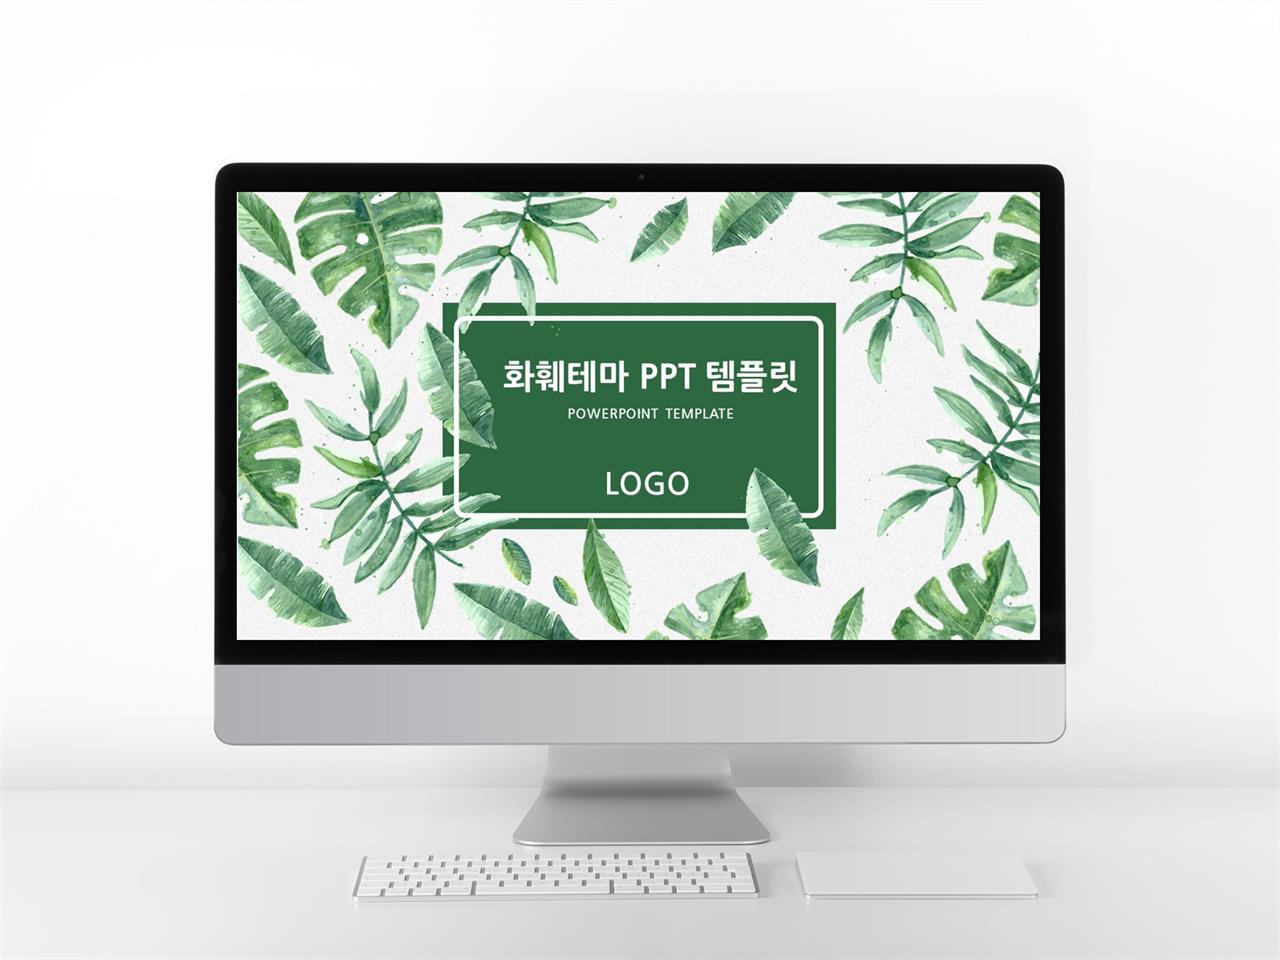 꽃과 동식물 주제 초록색 깜찍한 고급스럽운 POWERPOINT테마 사이트 미리보기